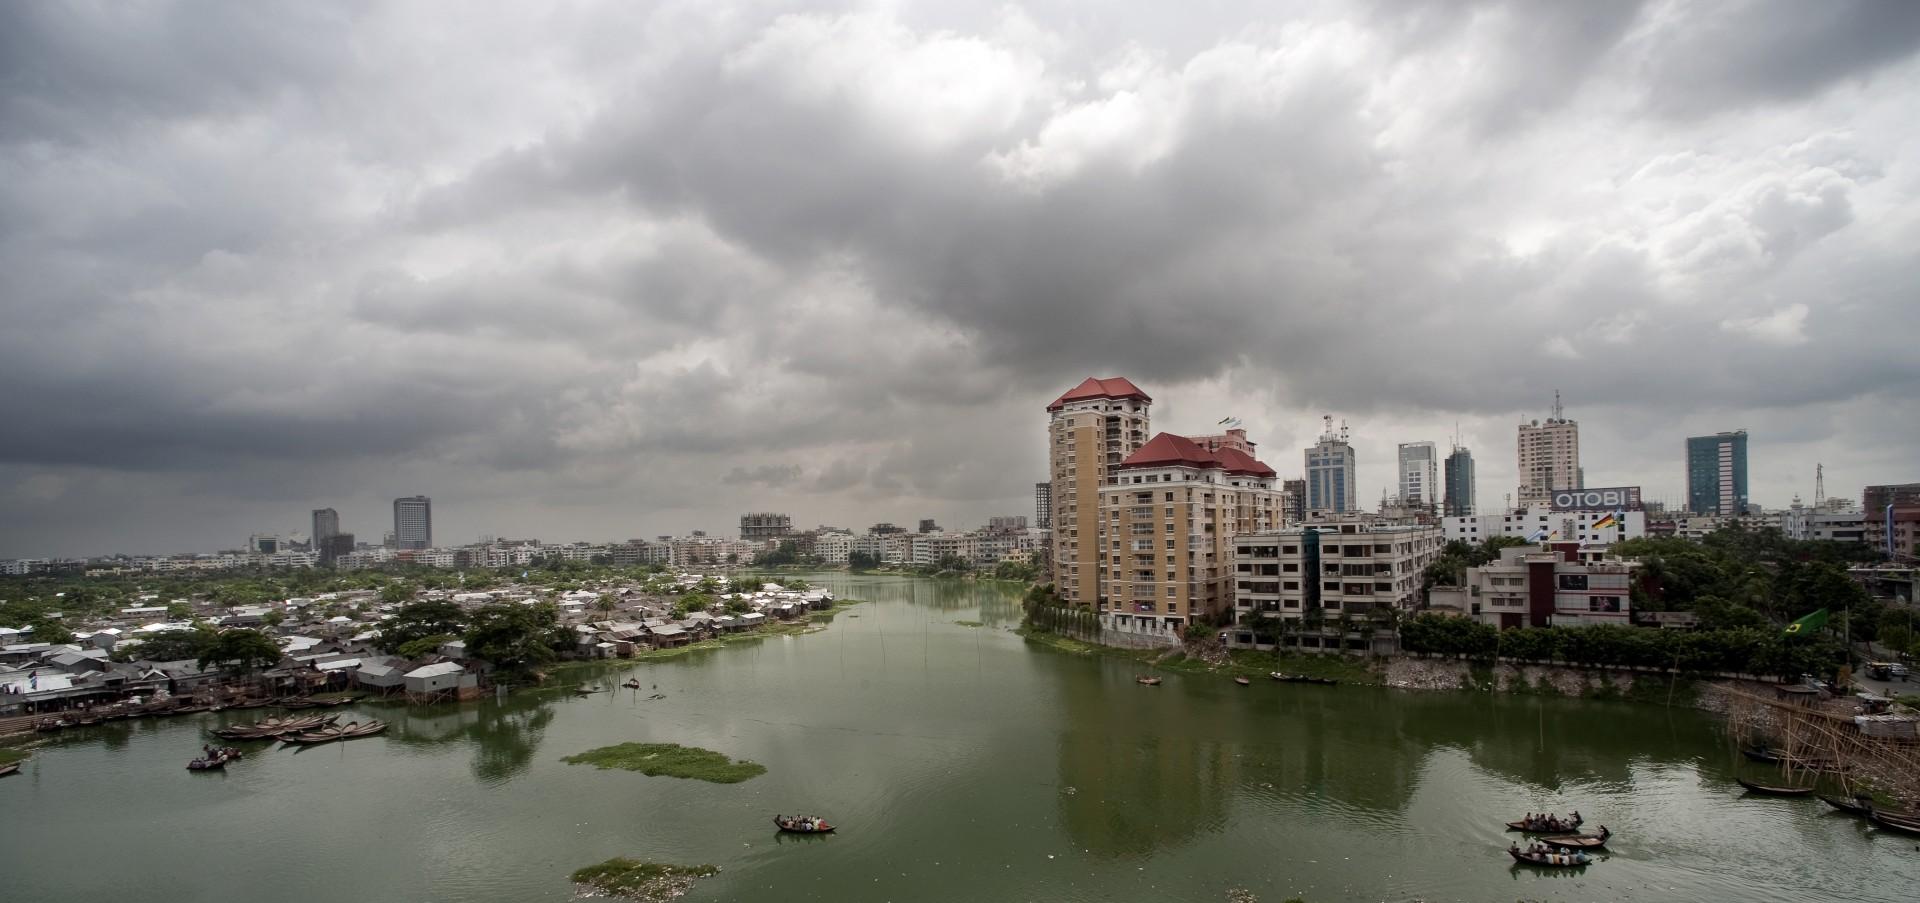 Bærekraftige byer og bosetninger